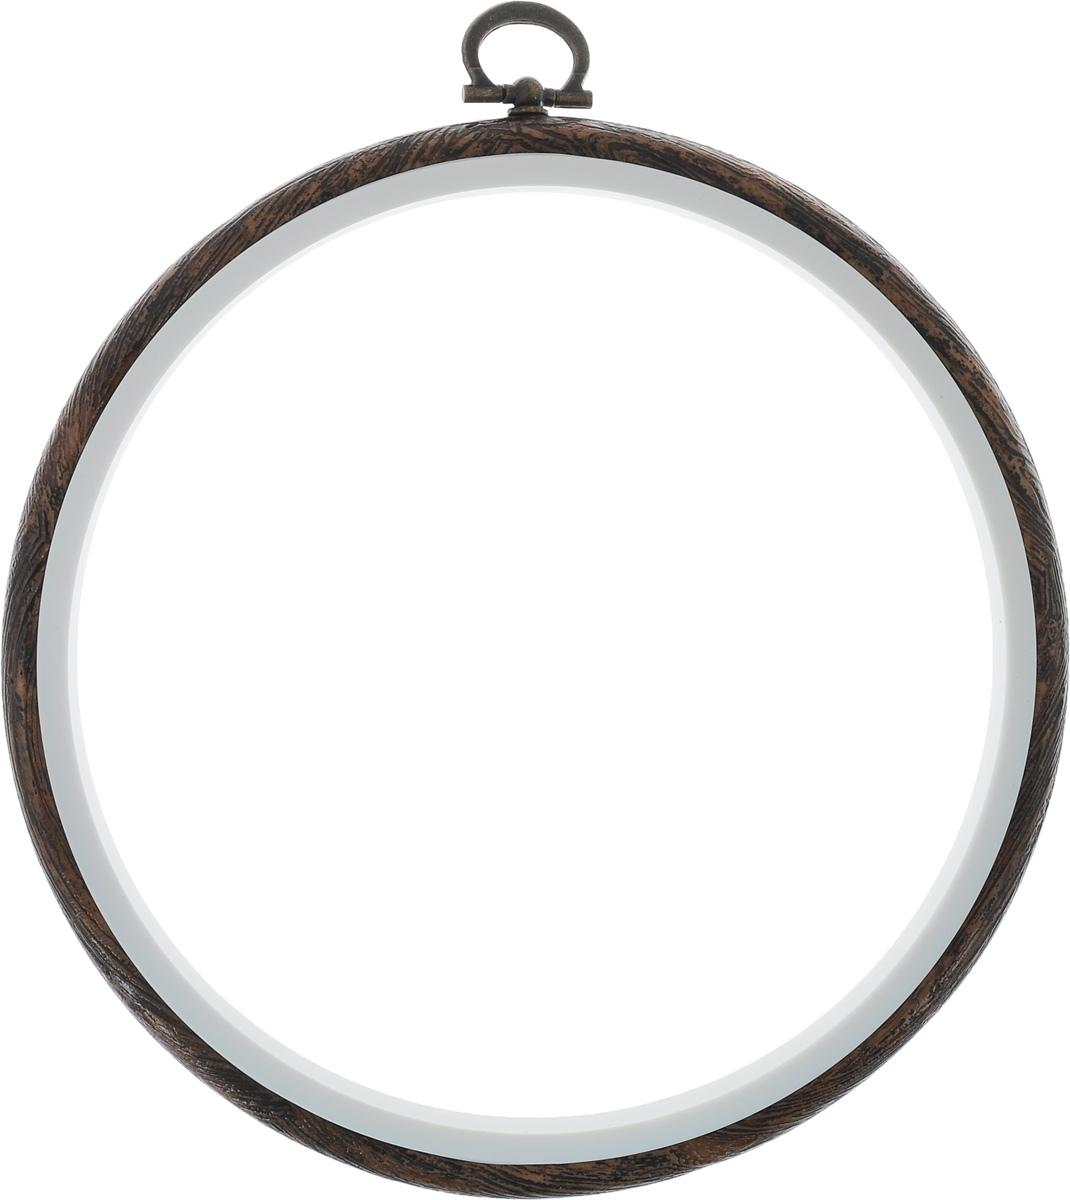 Пяльцы-рамка Hemline, диаметр 15 смN9006/WПяльцы-рамка Hemline, выполненные из пластика, идеально подходят для вышивки. Изделие можно использовать как пяльцы для вышивания или как рамку для оформления готовой работы. Пяльцы надежно фиксируют ткань, натяжение можно ослабить поворотом металлического кольца. Внутренний диаметр пяльцев: 15 см. Внешний диаметр пяльцев: 17 см.